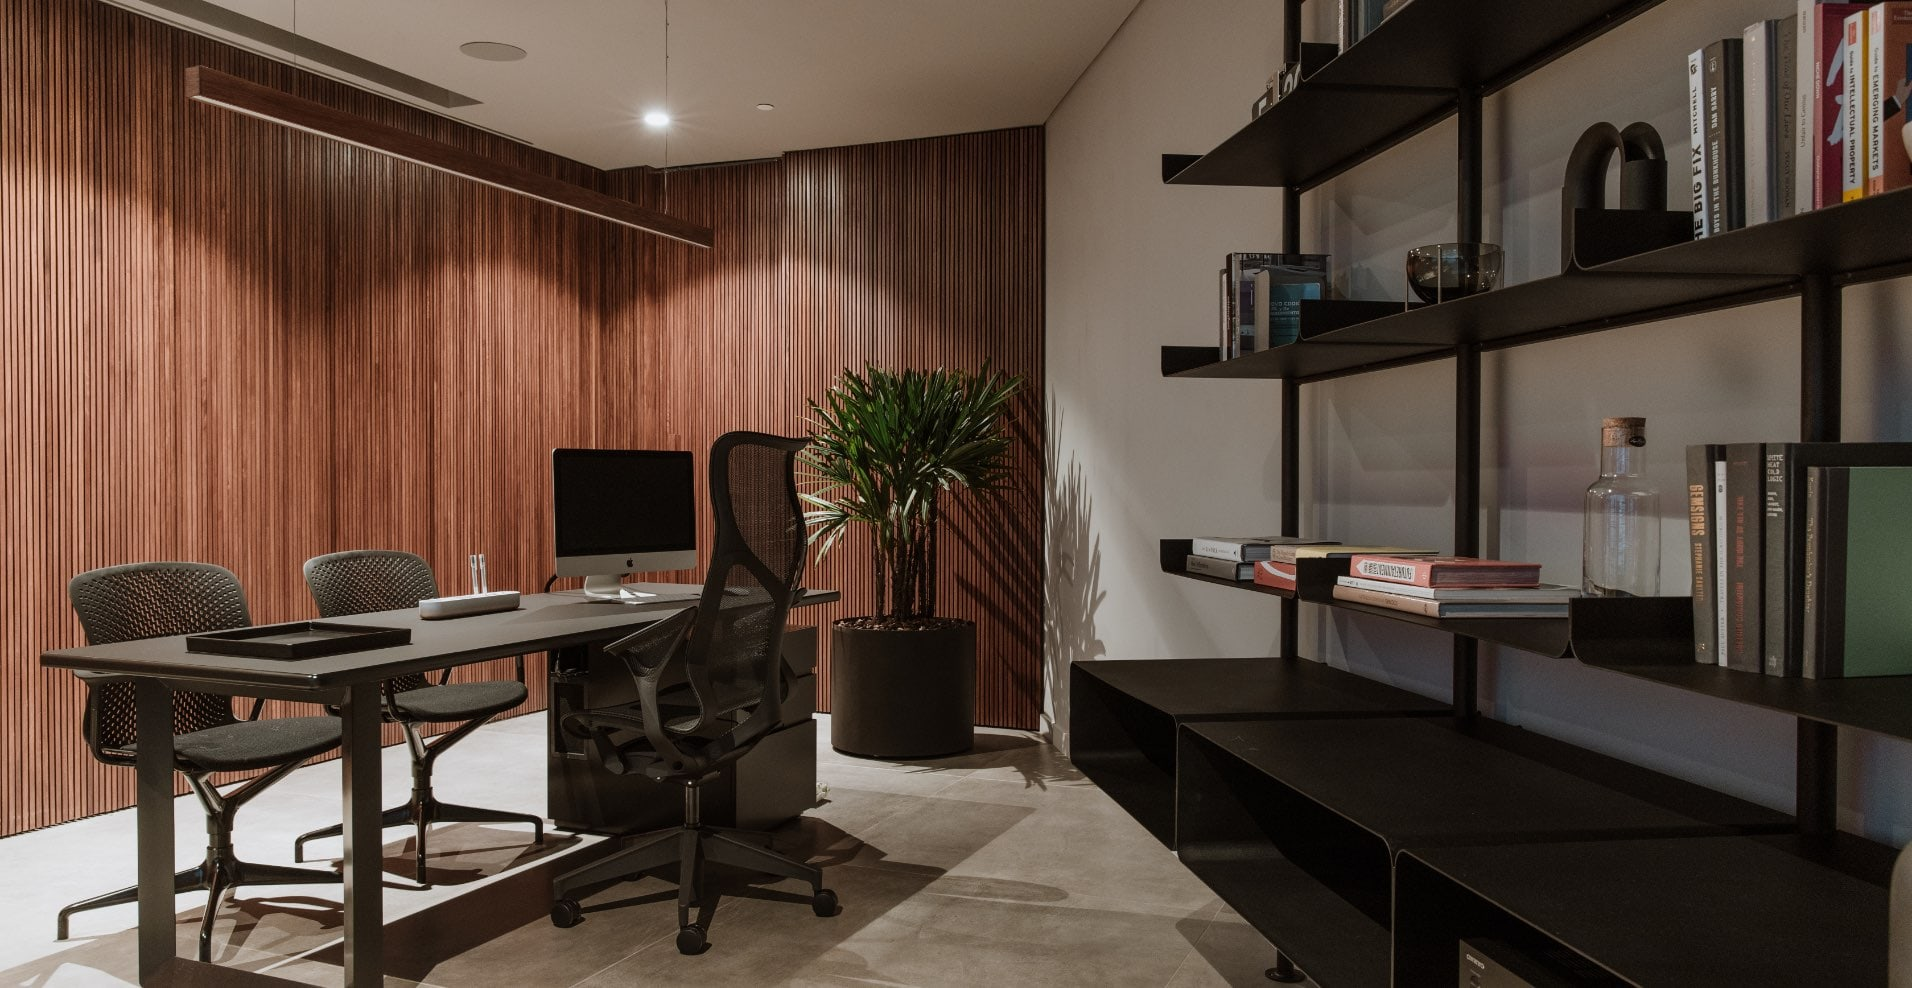 10-oficinas-q-concept-home-bioclimatica